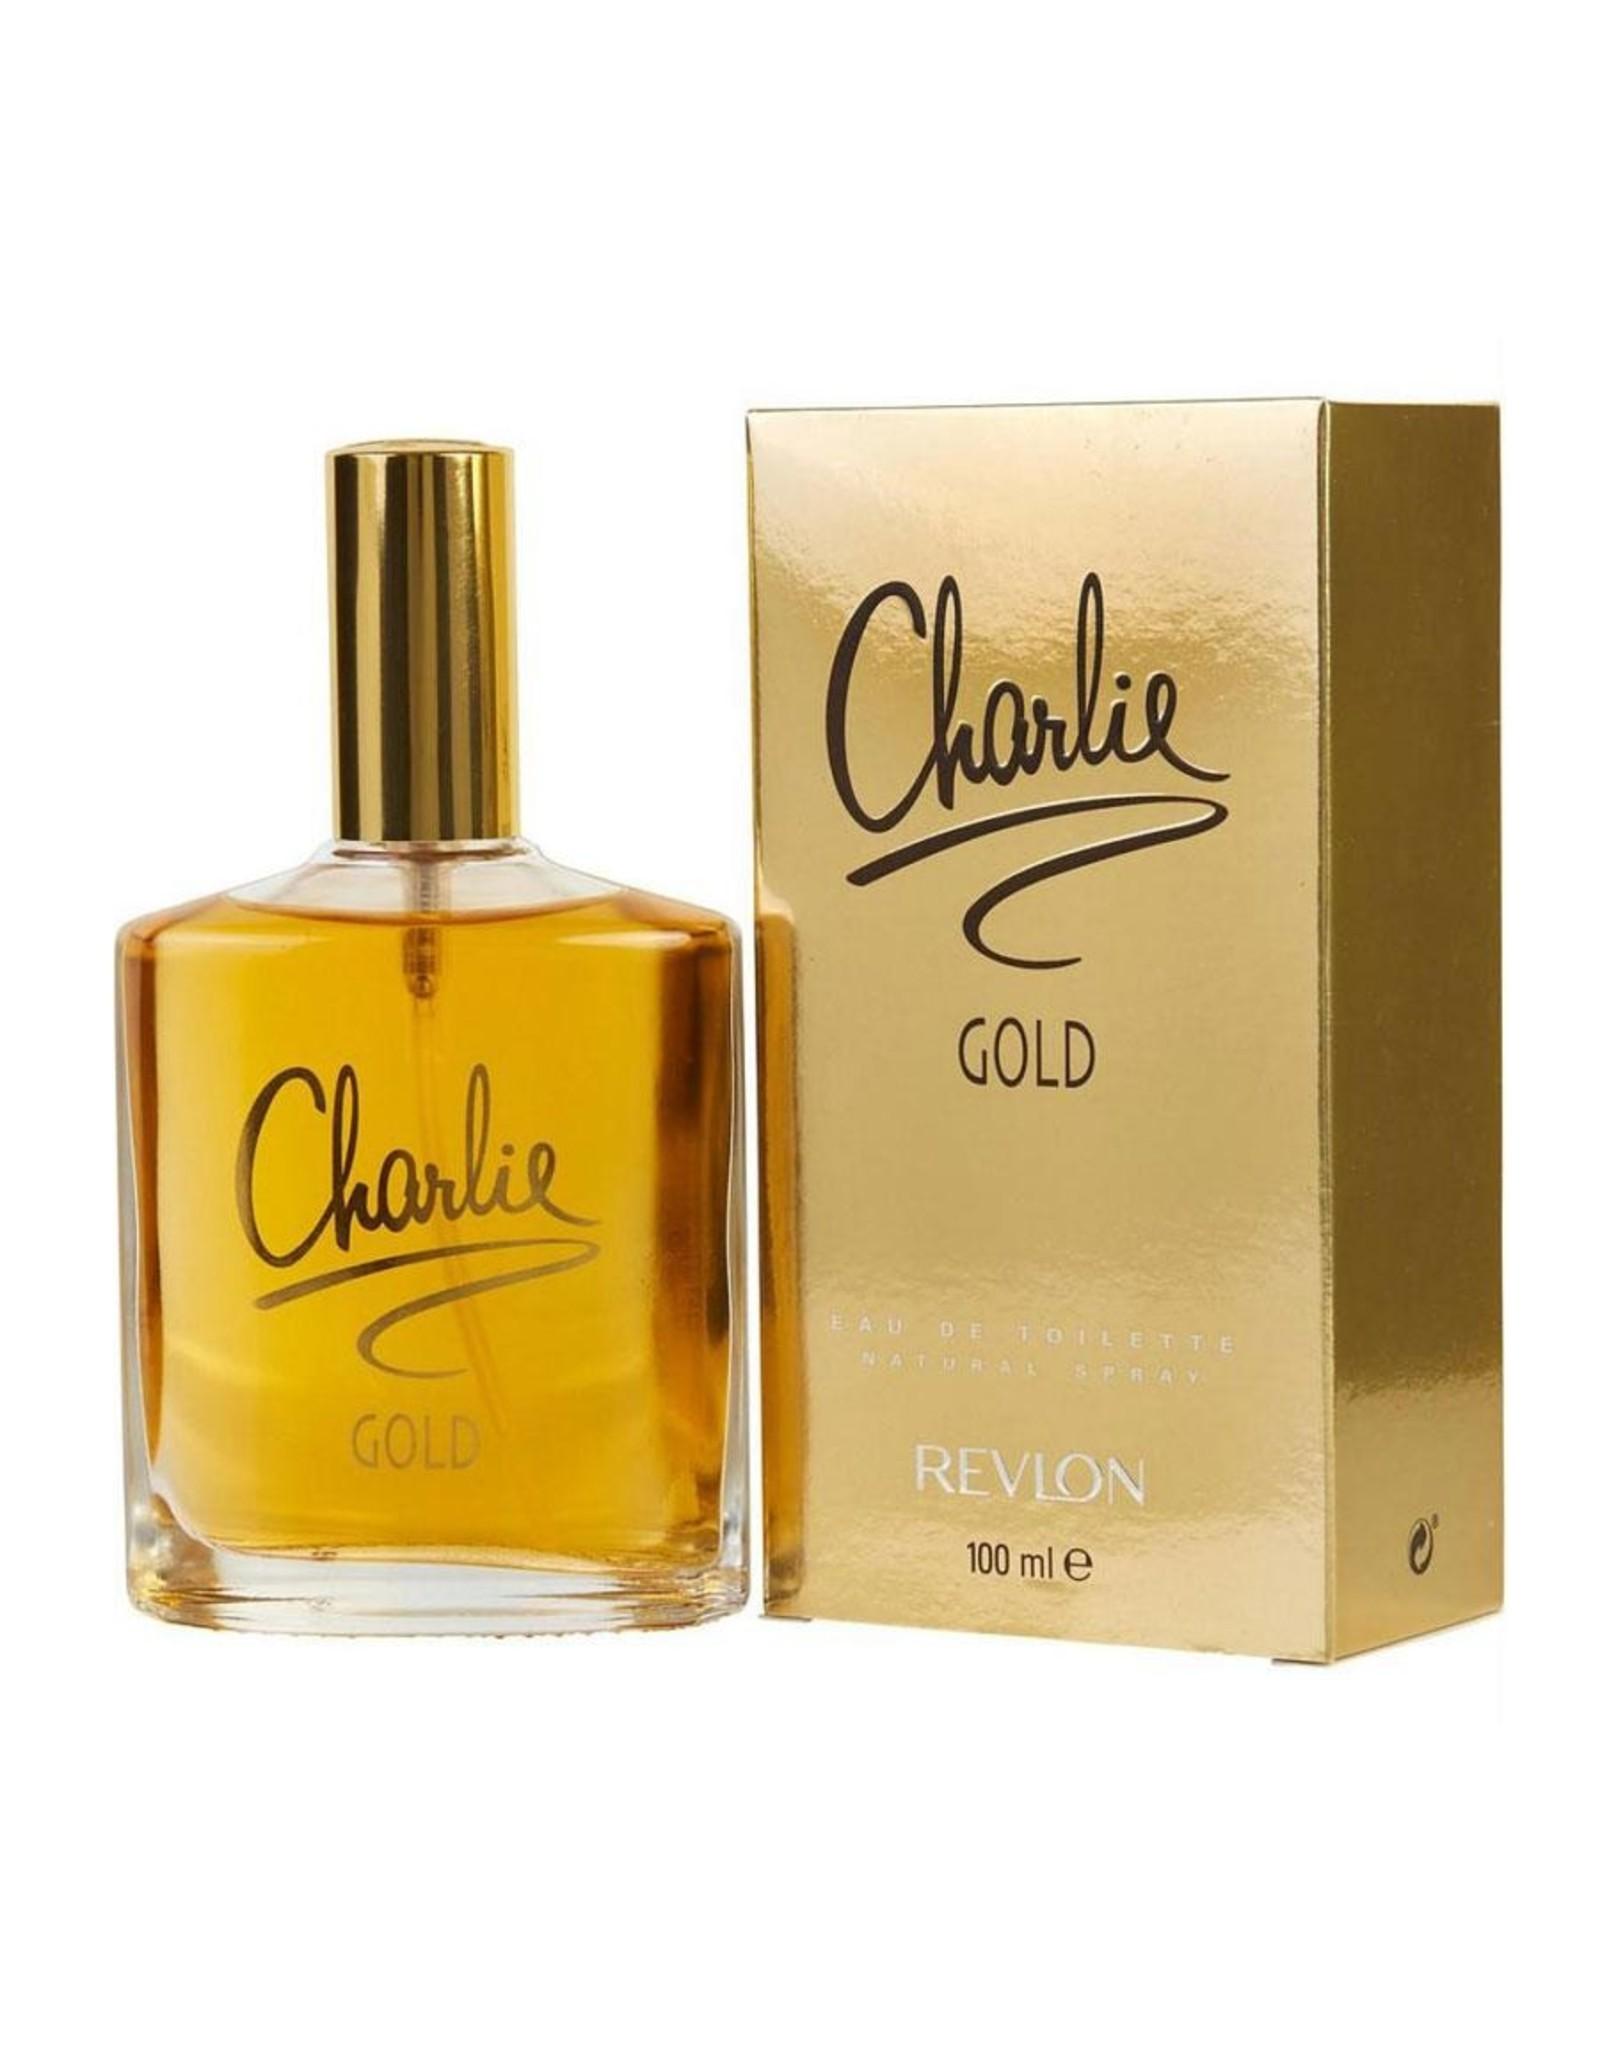 REVLON REVLON CHARLIE GOLD